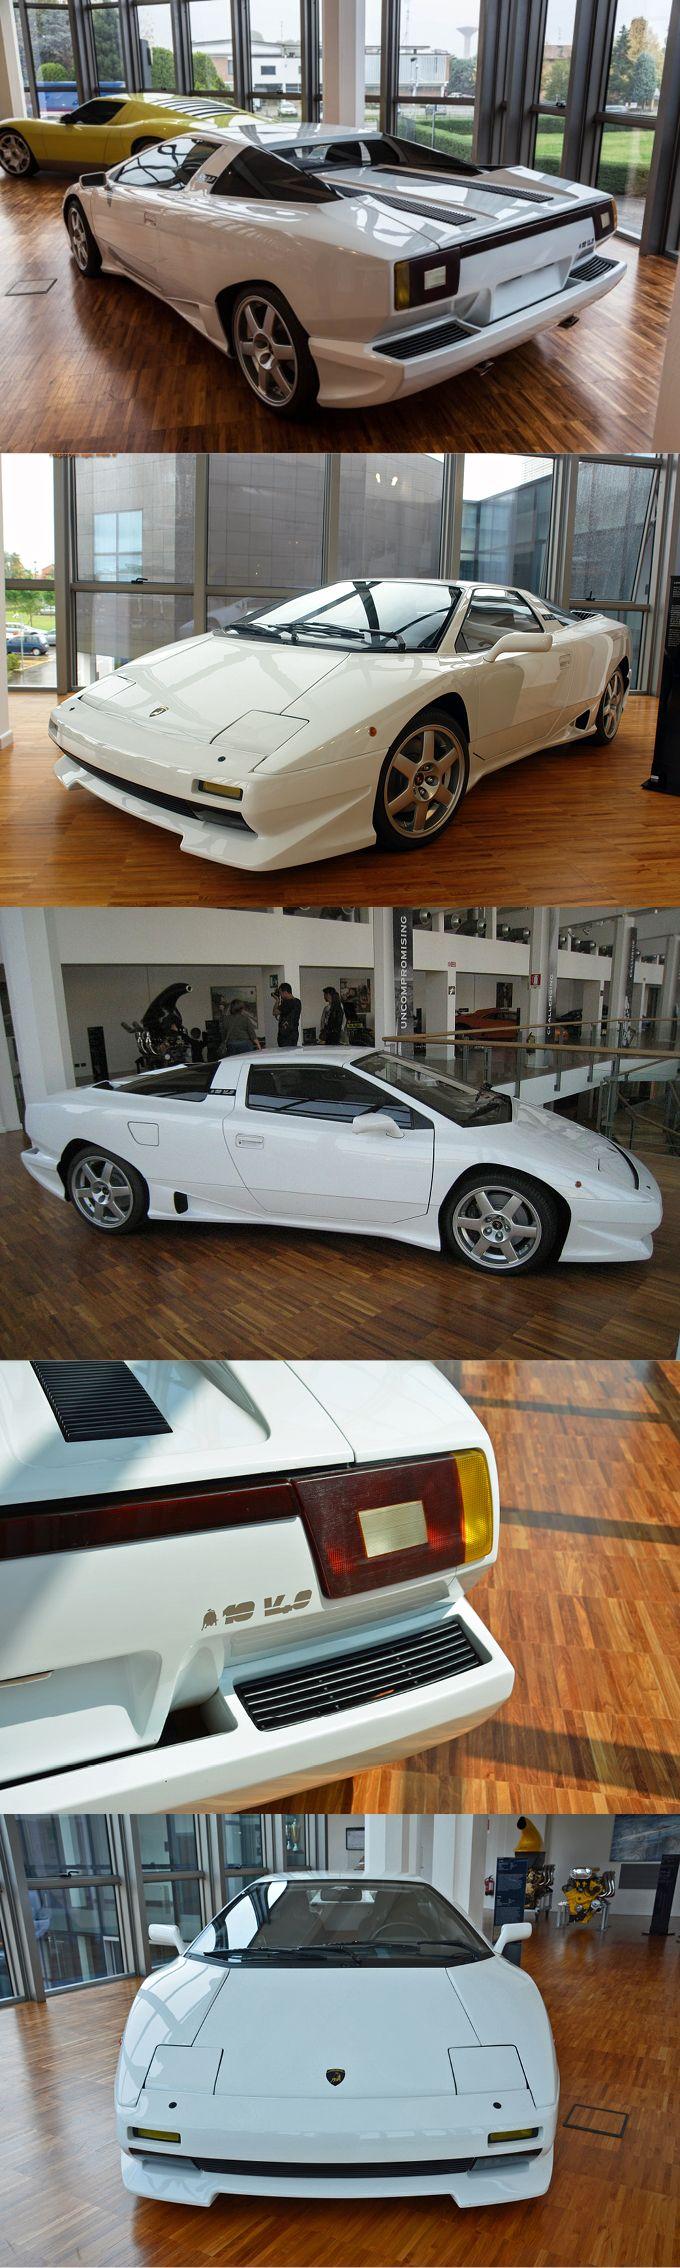 1987 Lamborghini P150 / Marcello Gandini @ Bertone / prototype Jalpa successor / 372hp 4.0l V10 / Italy / white / 7-360